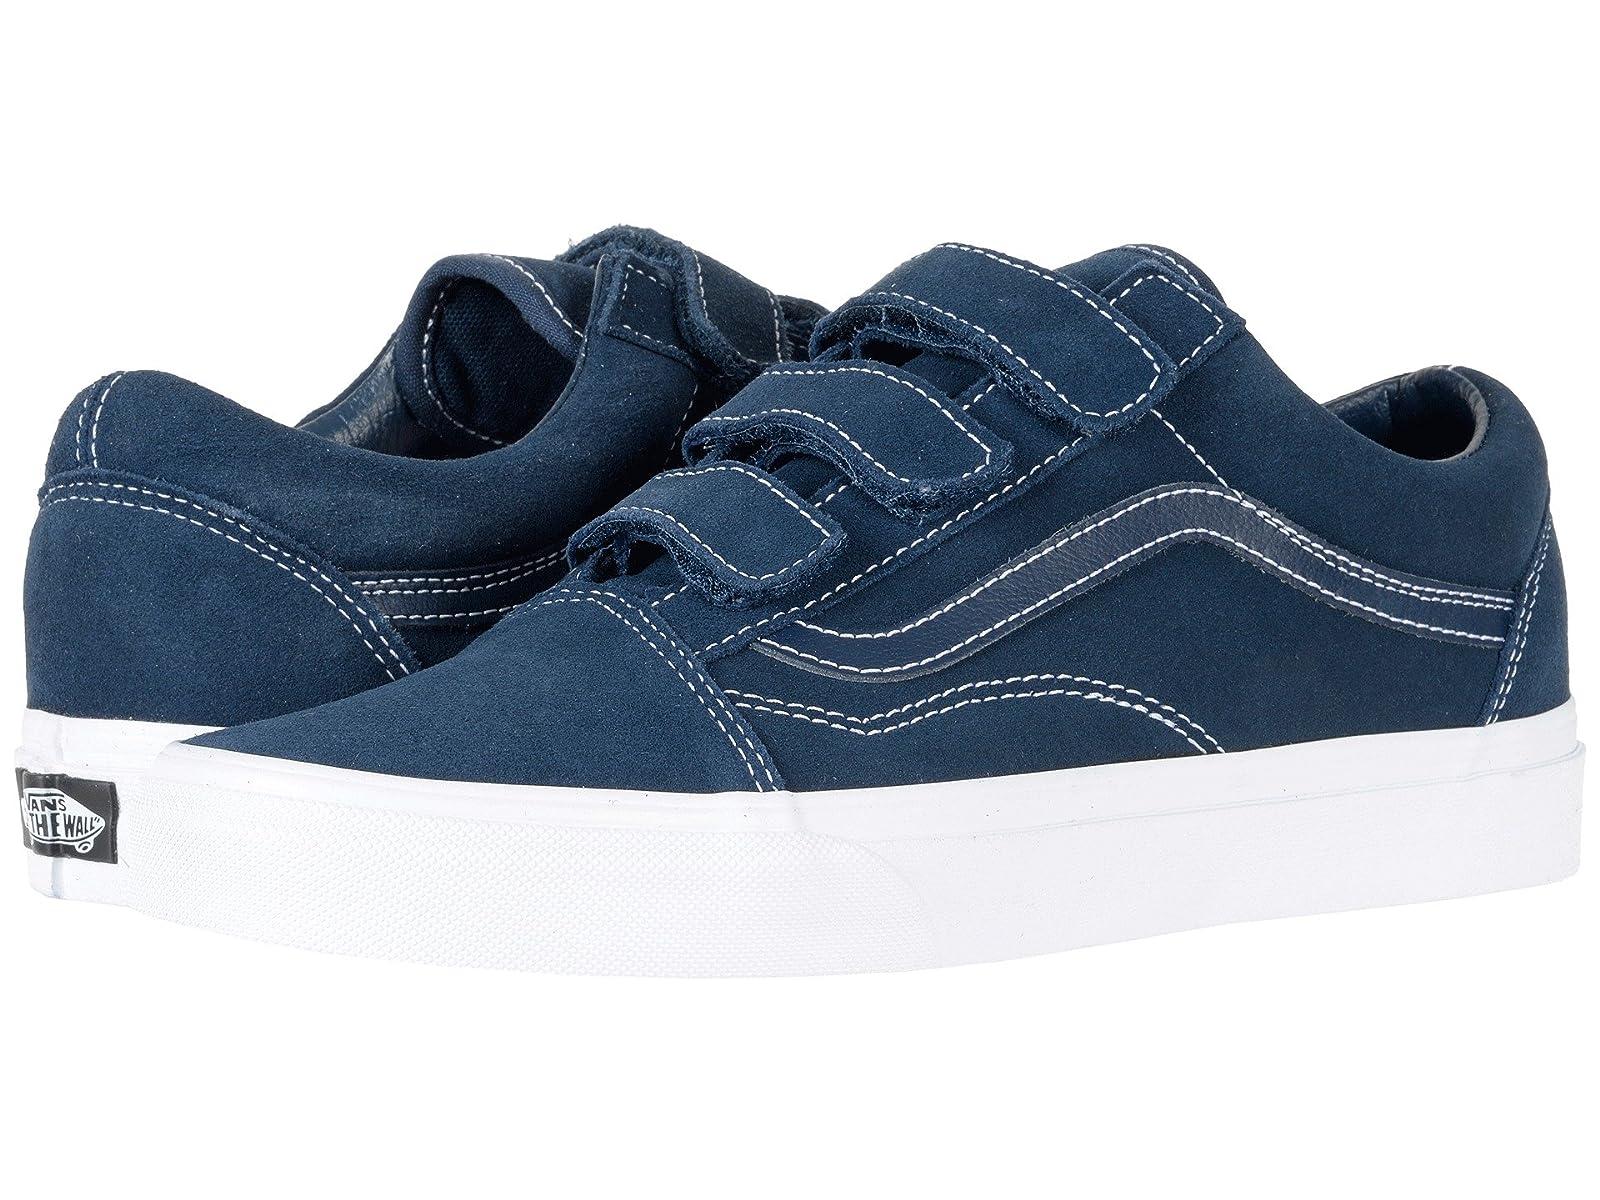 Vans Old Skool VAtmospheric grades have affordable shoes